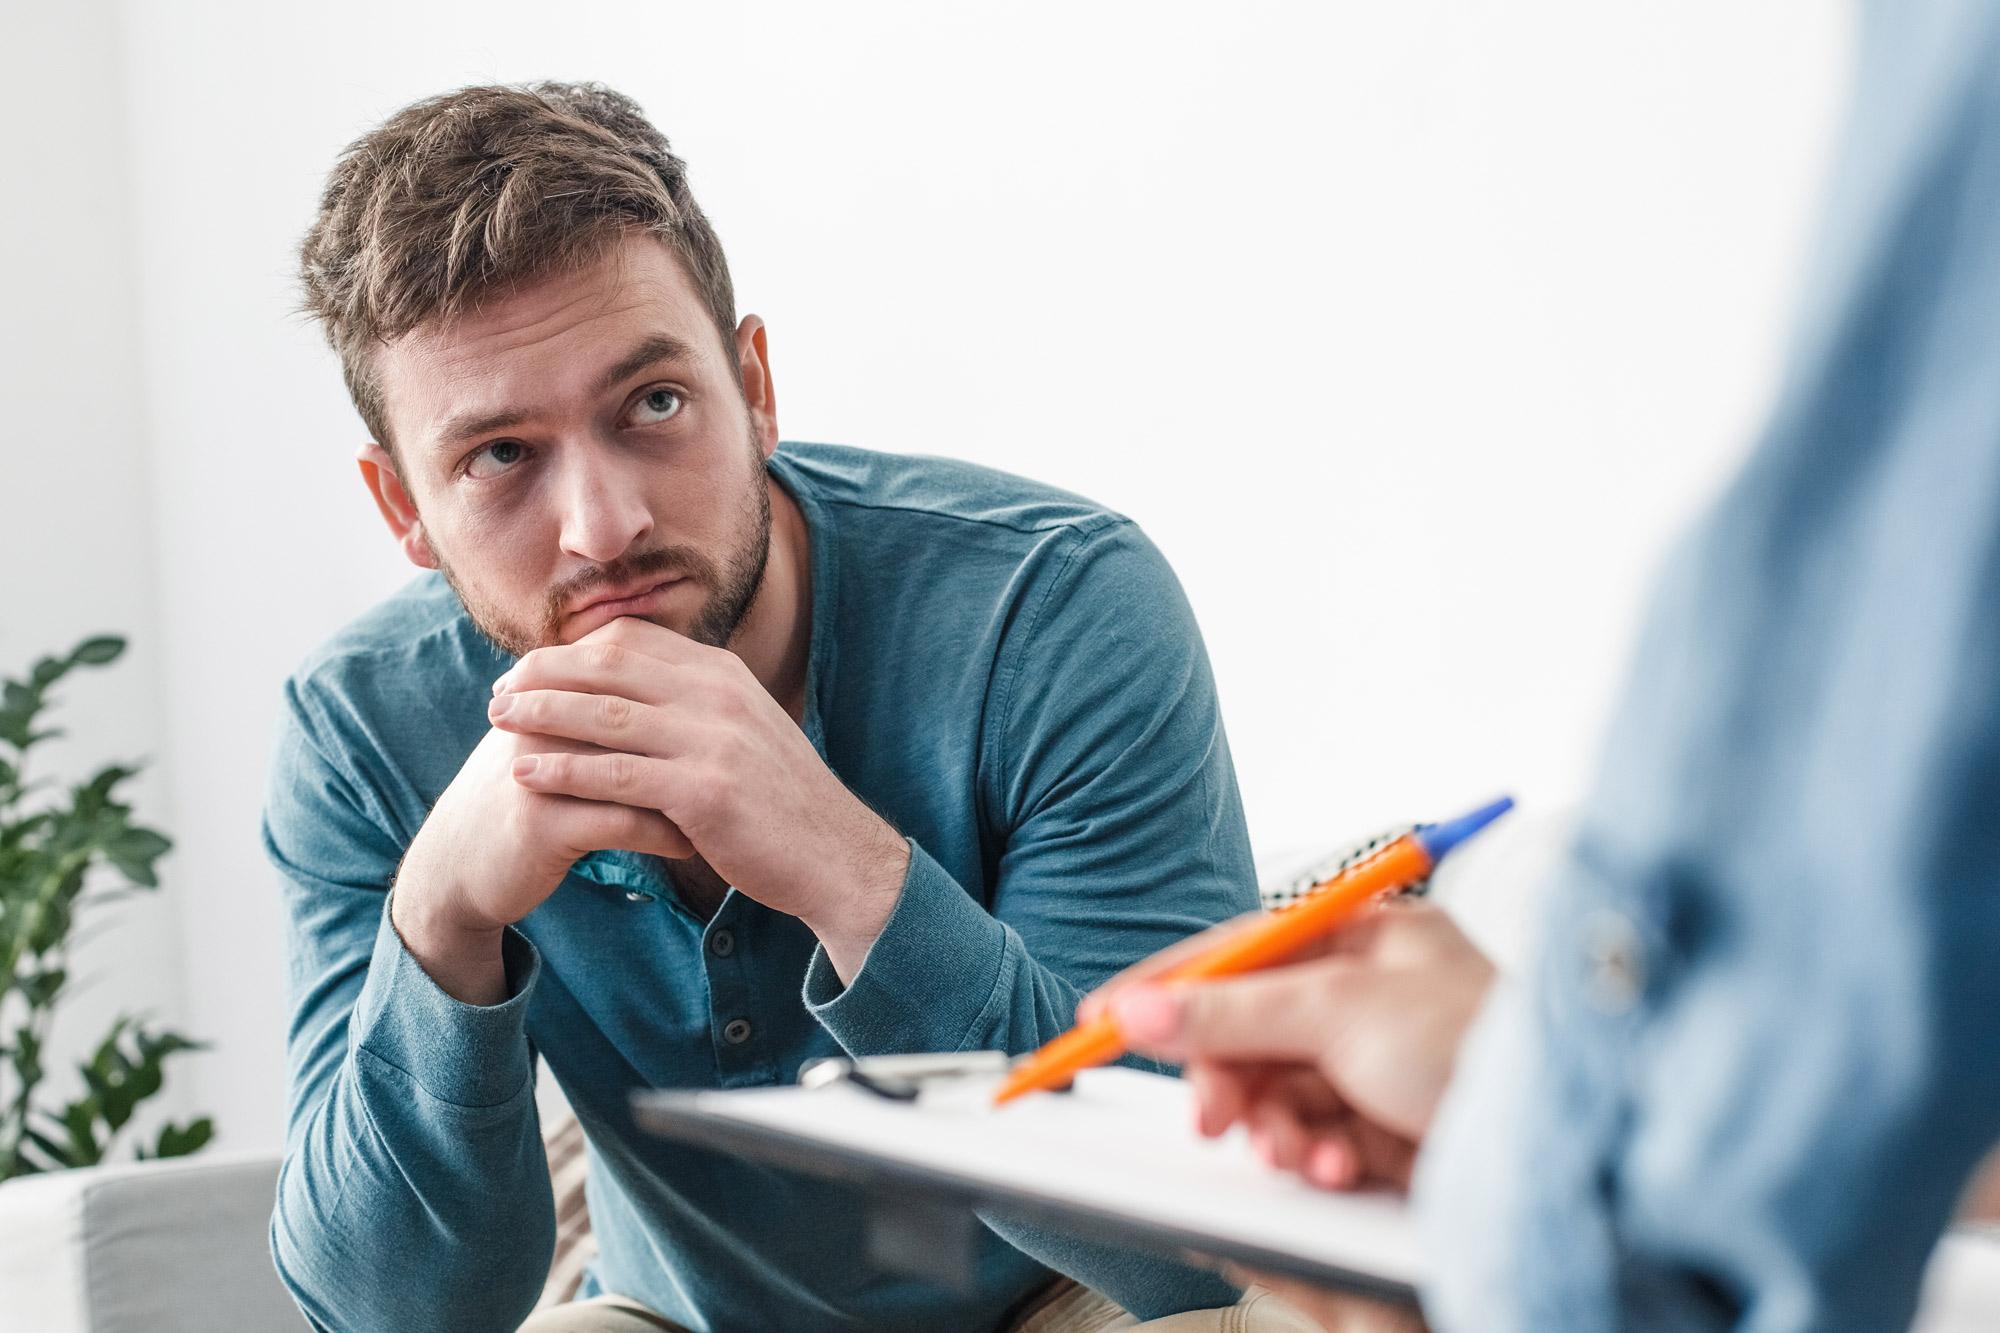 homme recevant de l'aide pour identifier l'anxiété